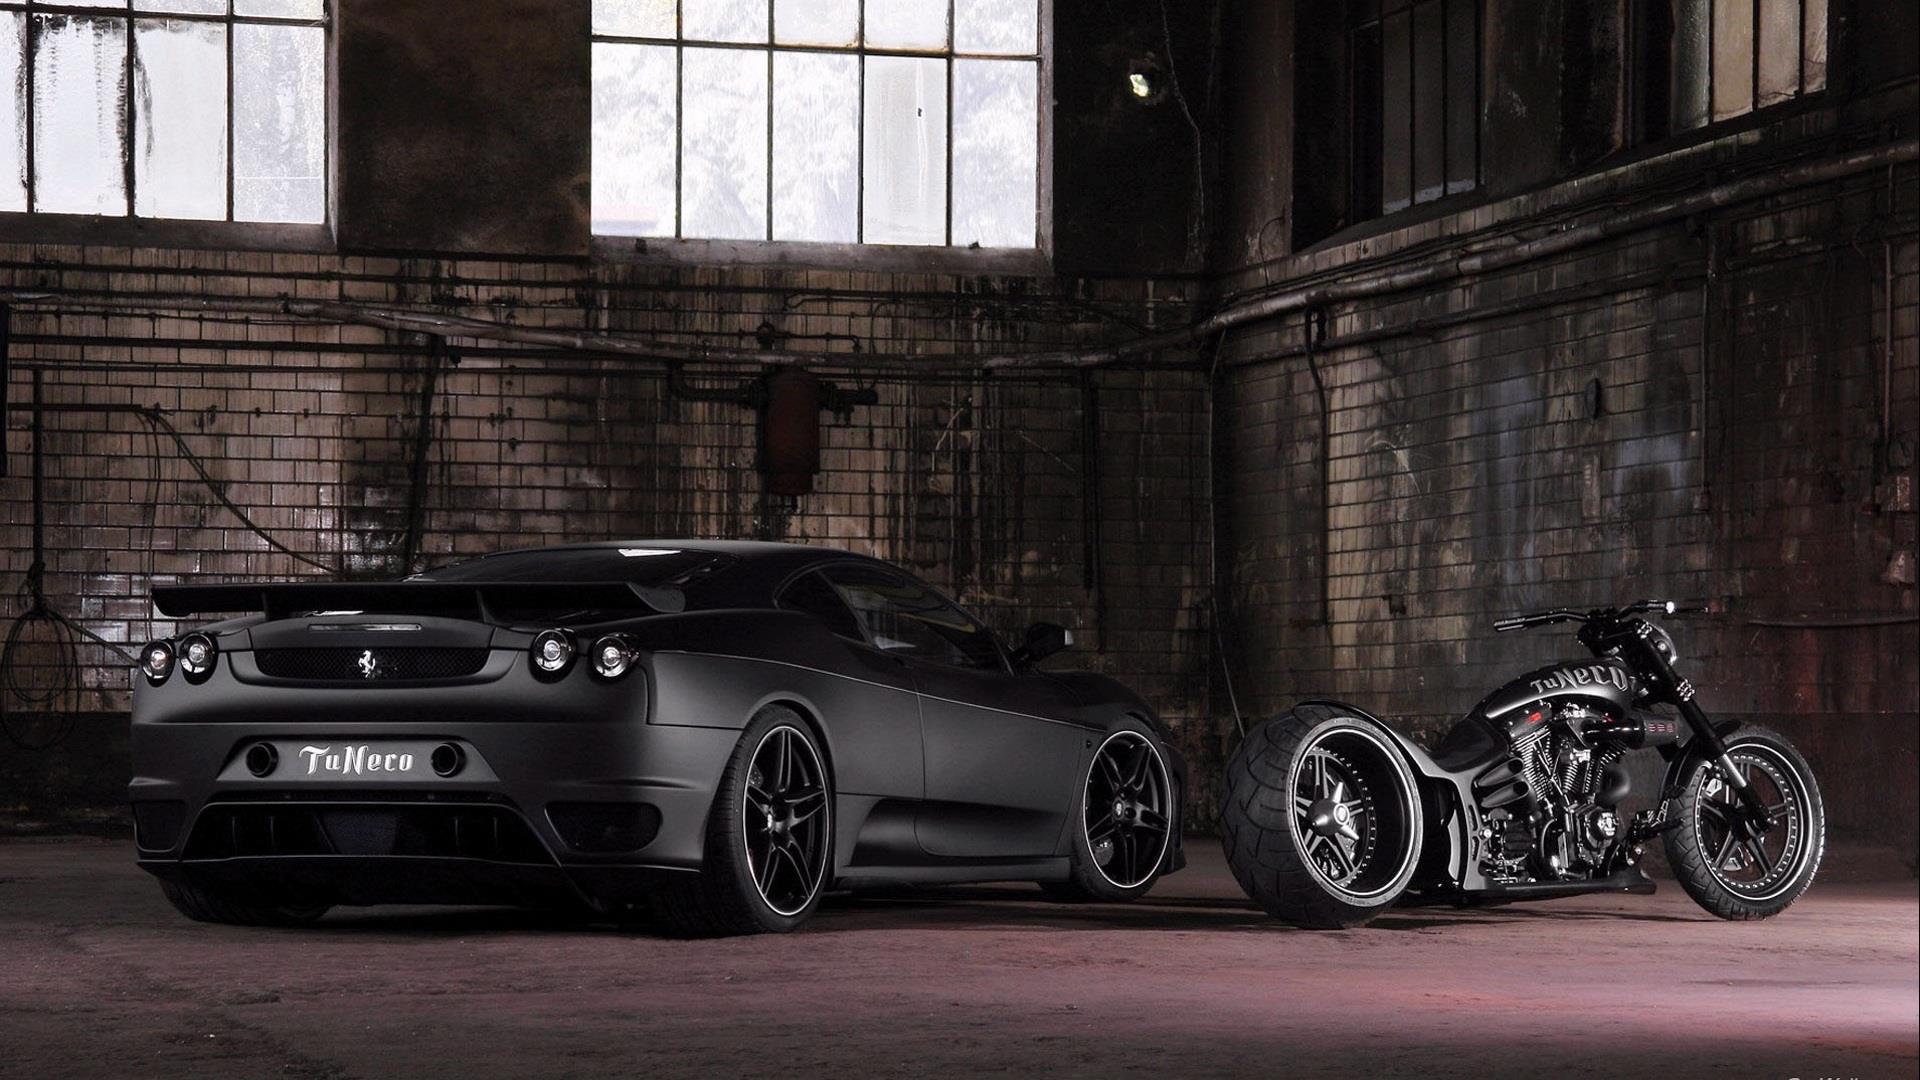 Wallpaper fonds cran gratuits sur l 39 automobile - Ferrari hd wallpapers free download ...